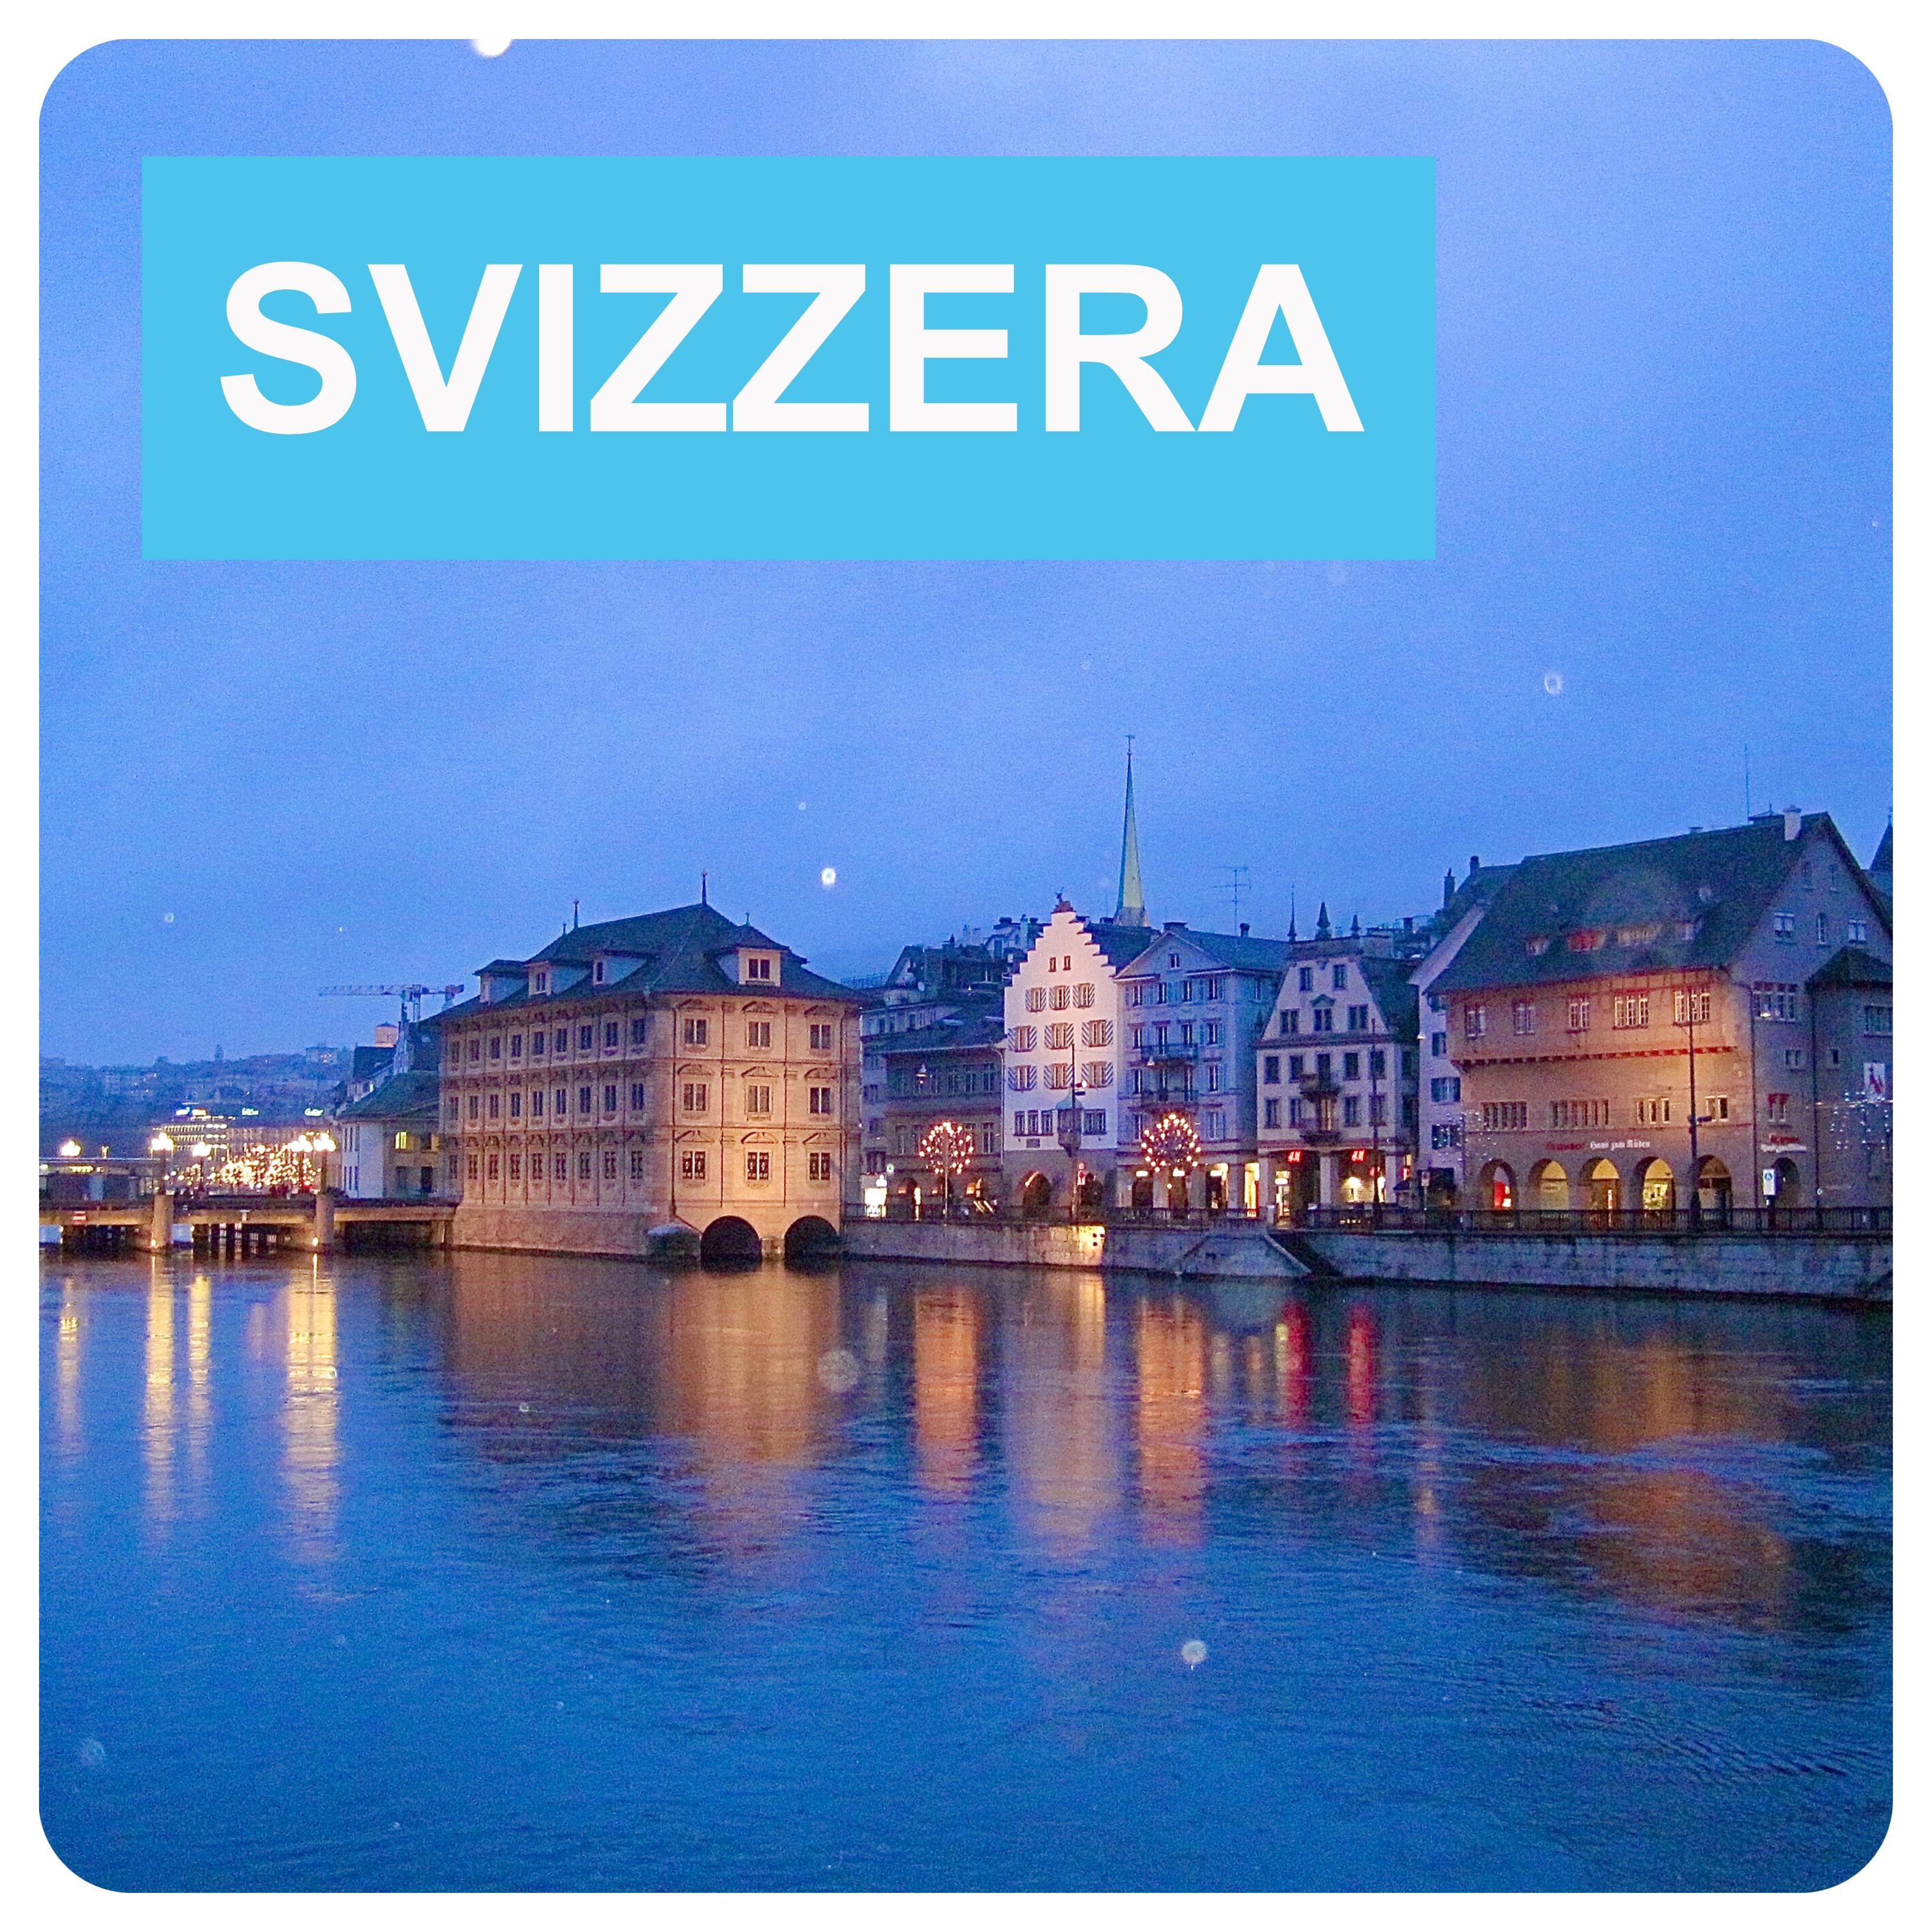 Noleggio auto svizzera senza carta di credito